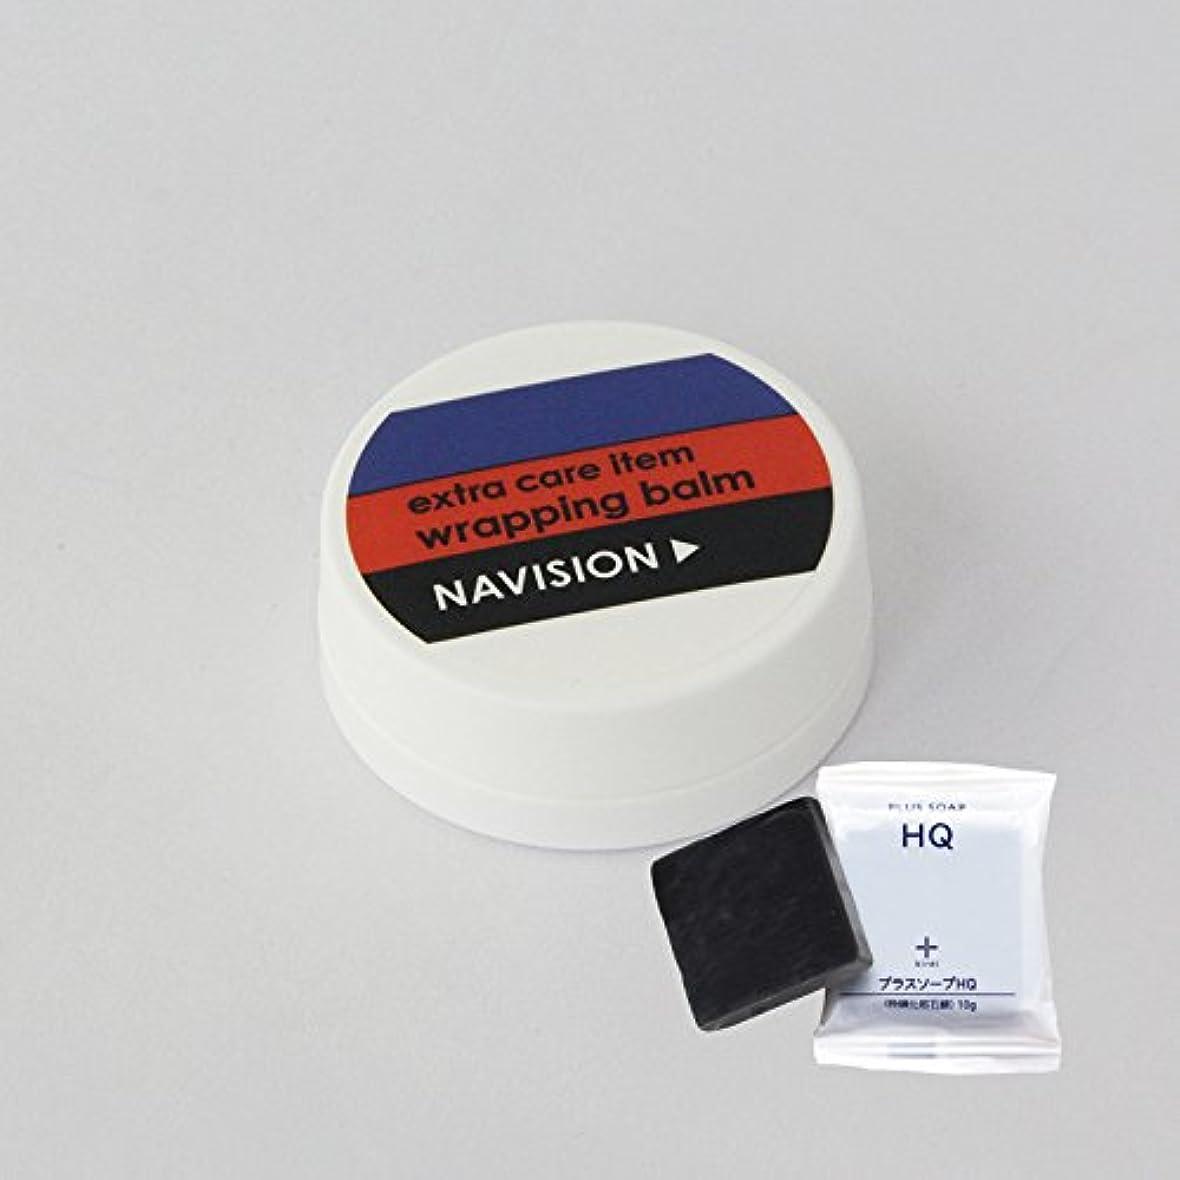 困惑する機構モッキンバードナビジョン NAVISION ラッピングバーム 5g + プラスキレイ プラスソープHQミニ